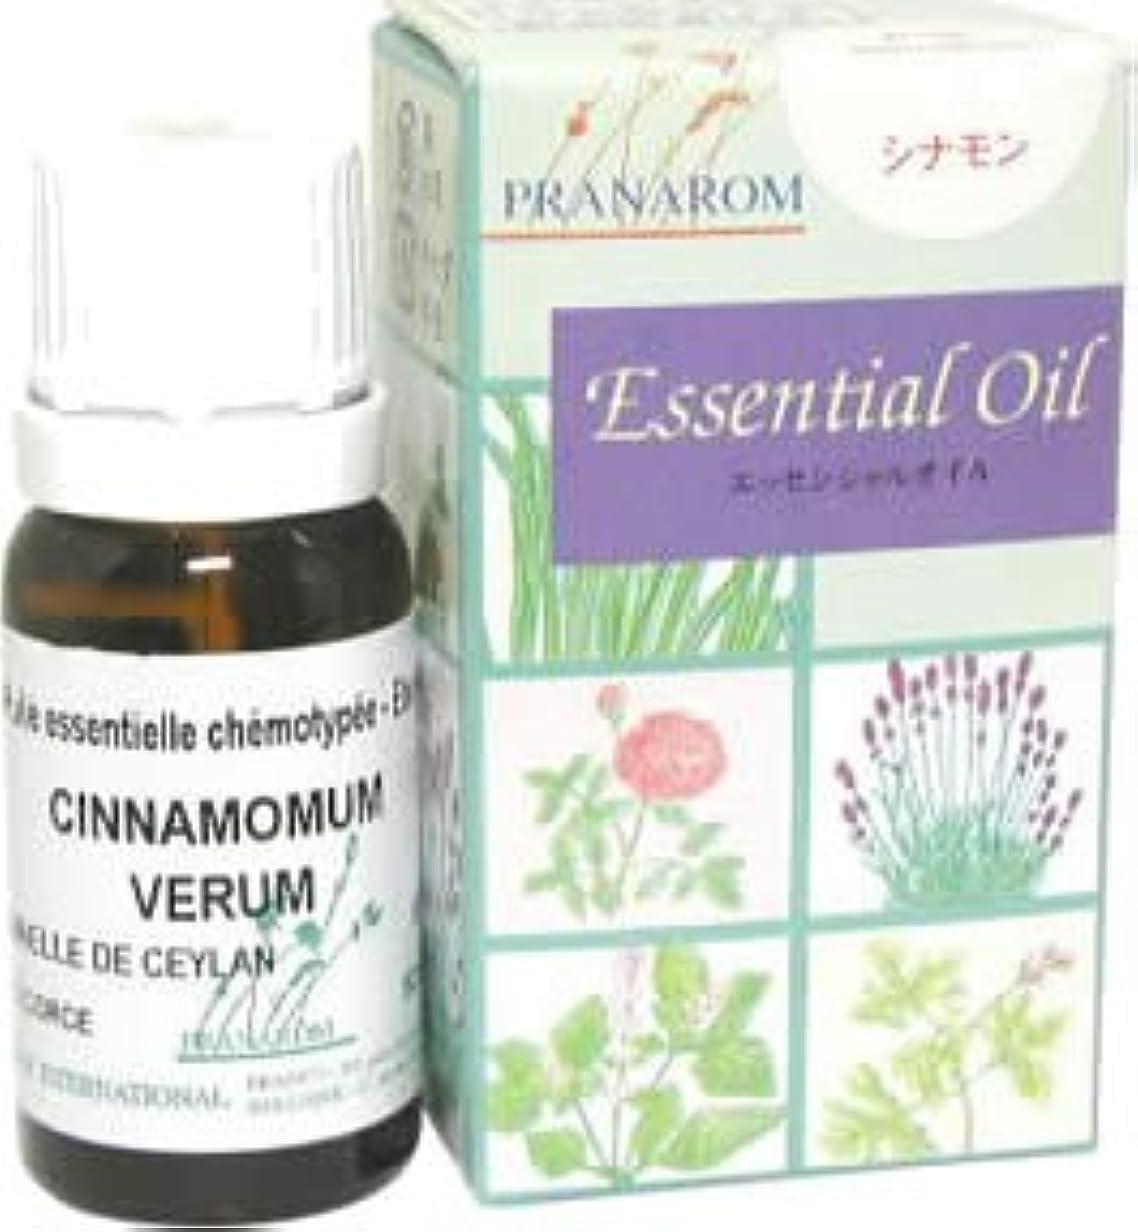 モナリザ単なるとティームプラナロム エッセンシャルオイル シナモン(樹皮) 10ml